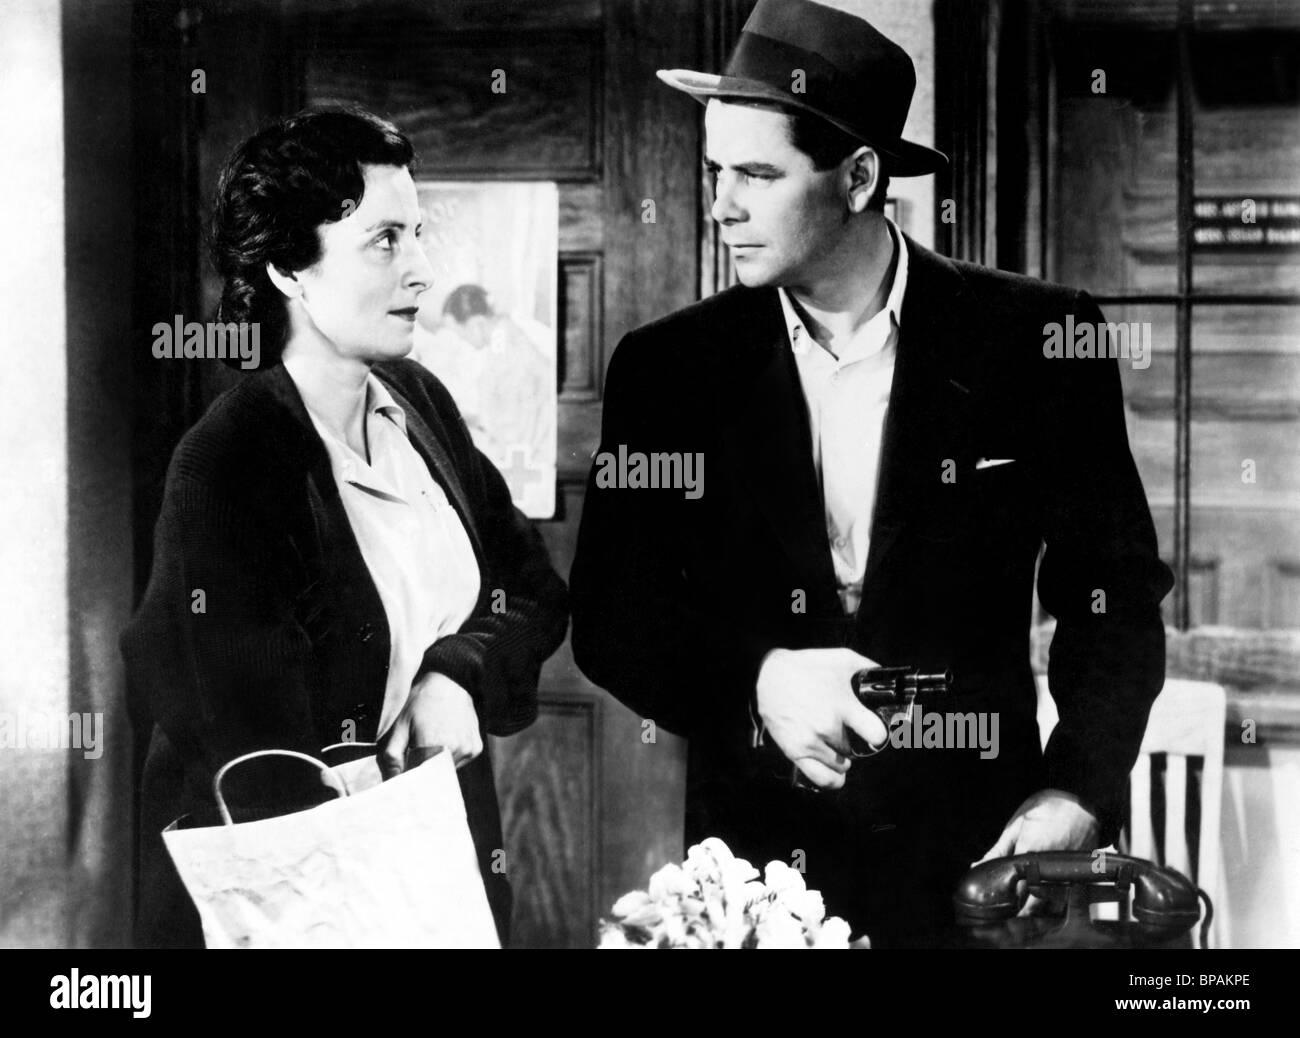 BEULAH BONDI, Glenn Ford, Casa di insediamento, 1949 Immagini Stock